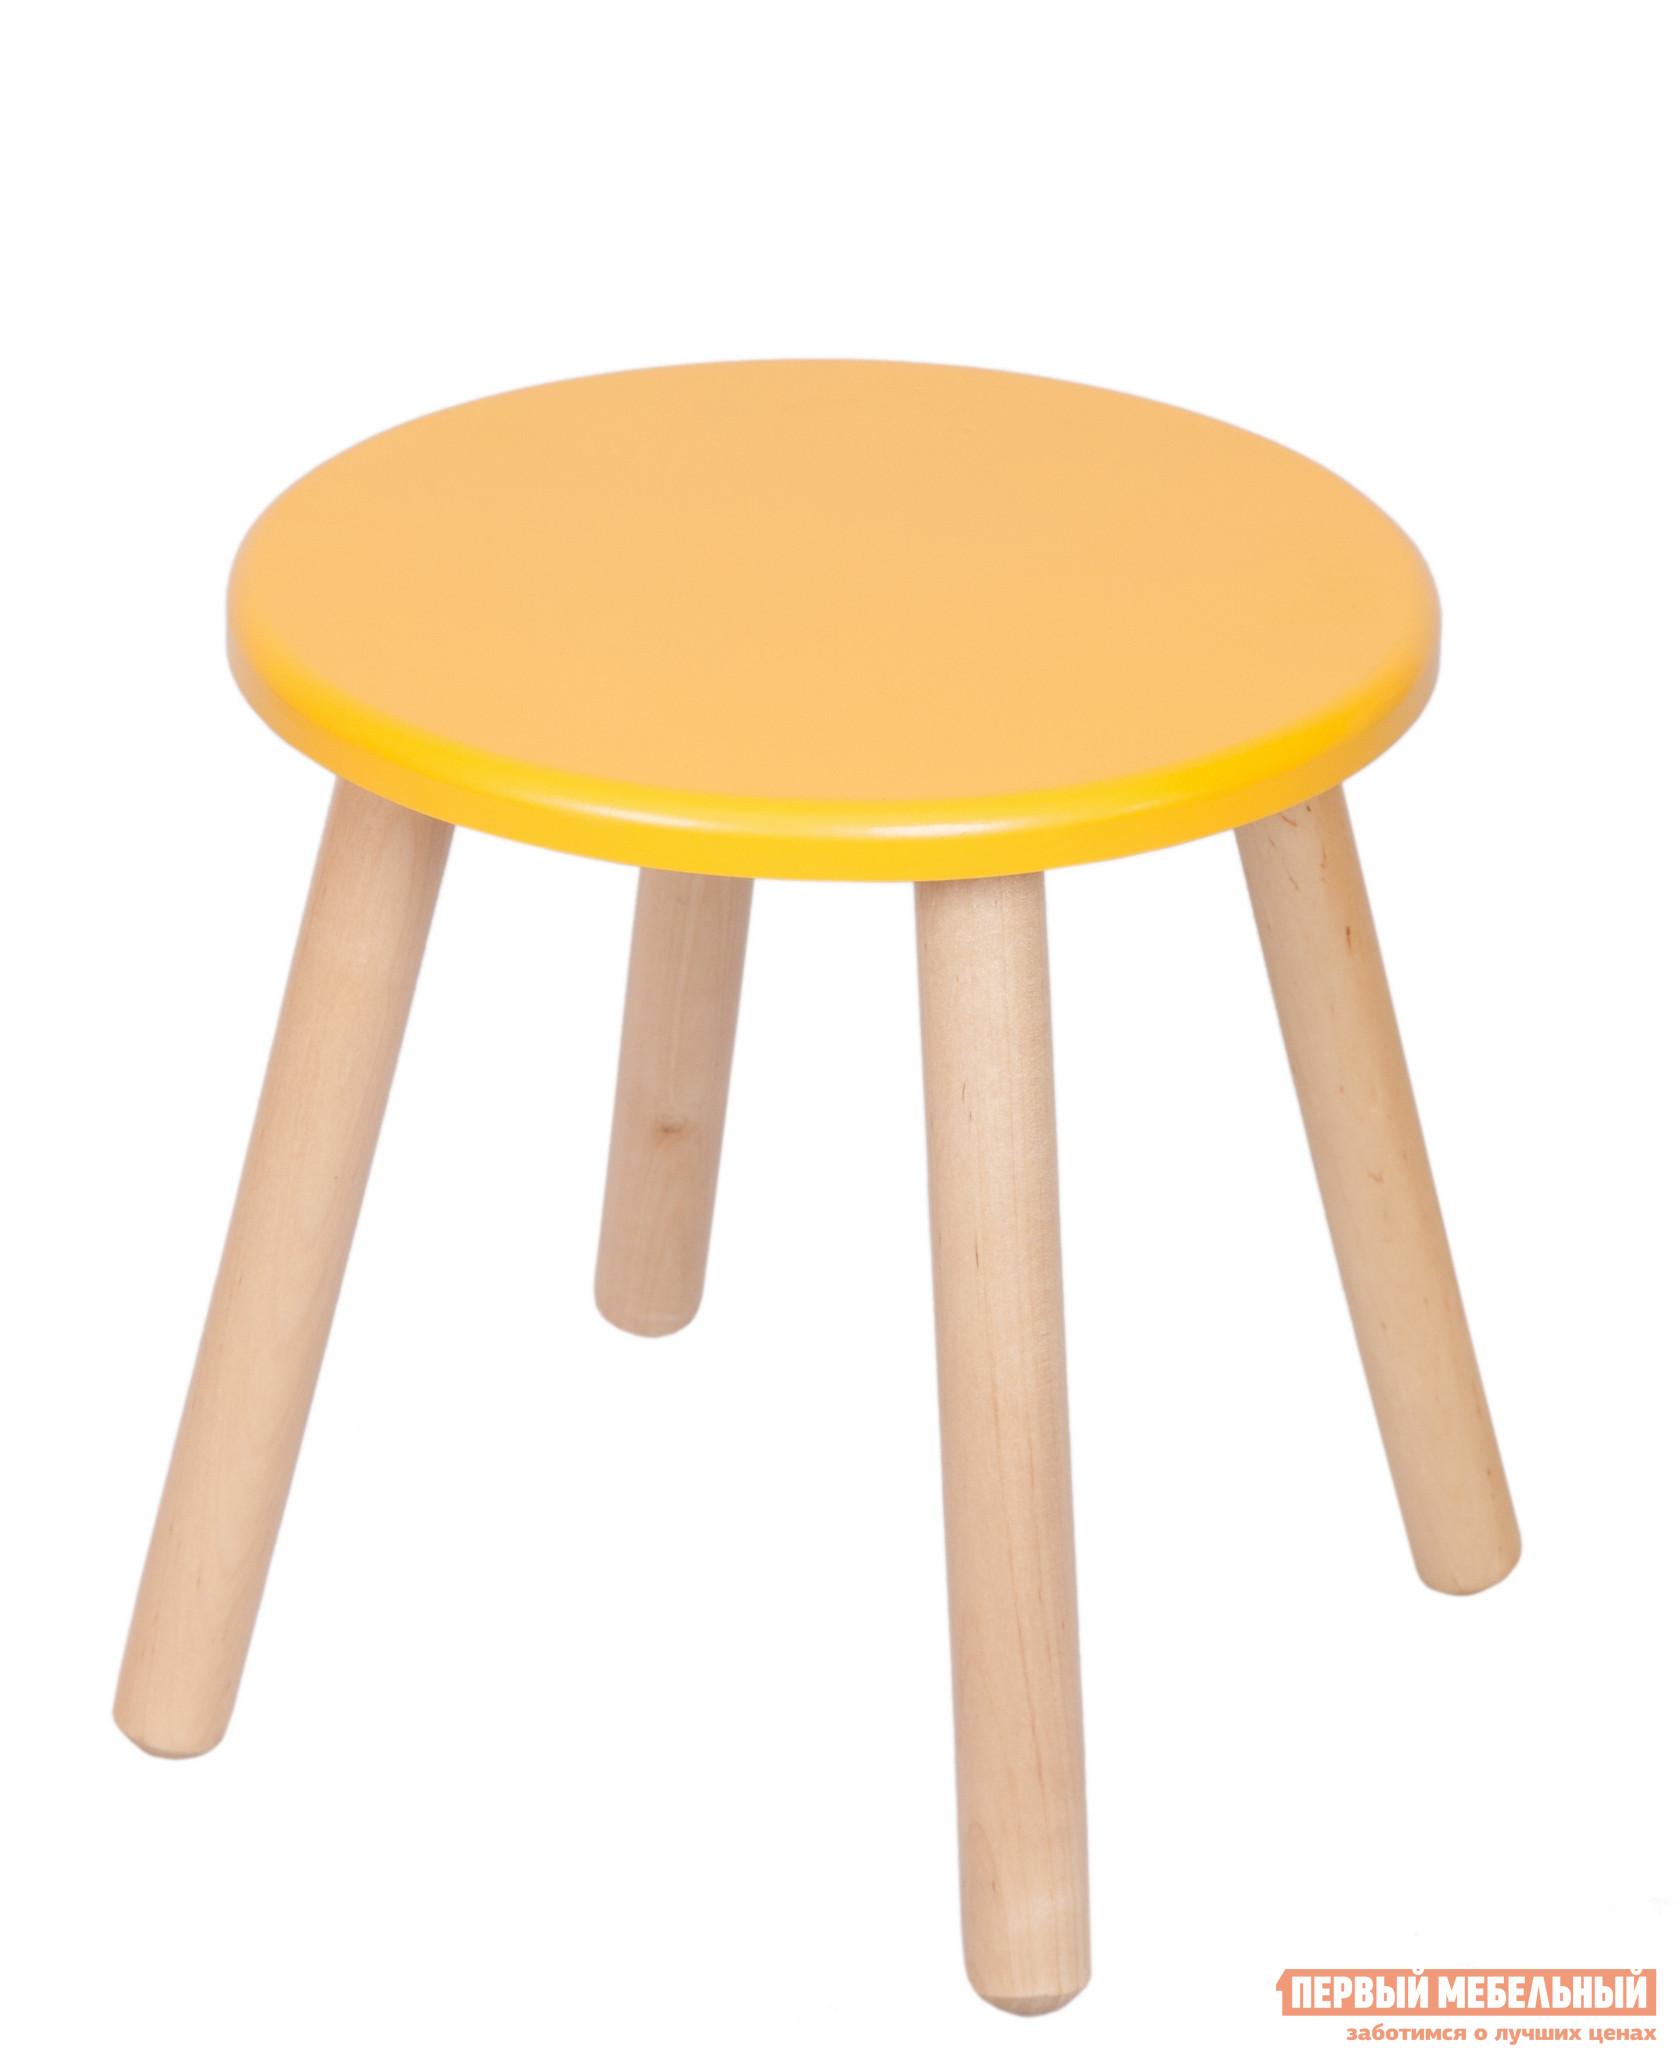 Столик и стульчик РусЭкоМебель Табурет ЭКО Эко желтый